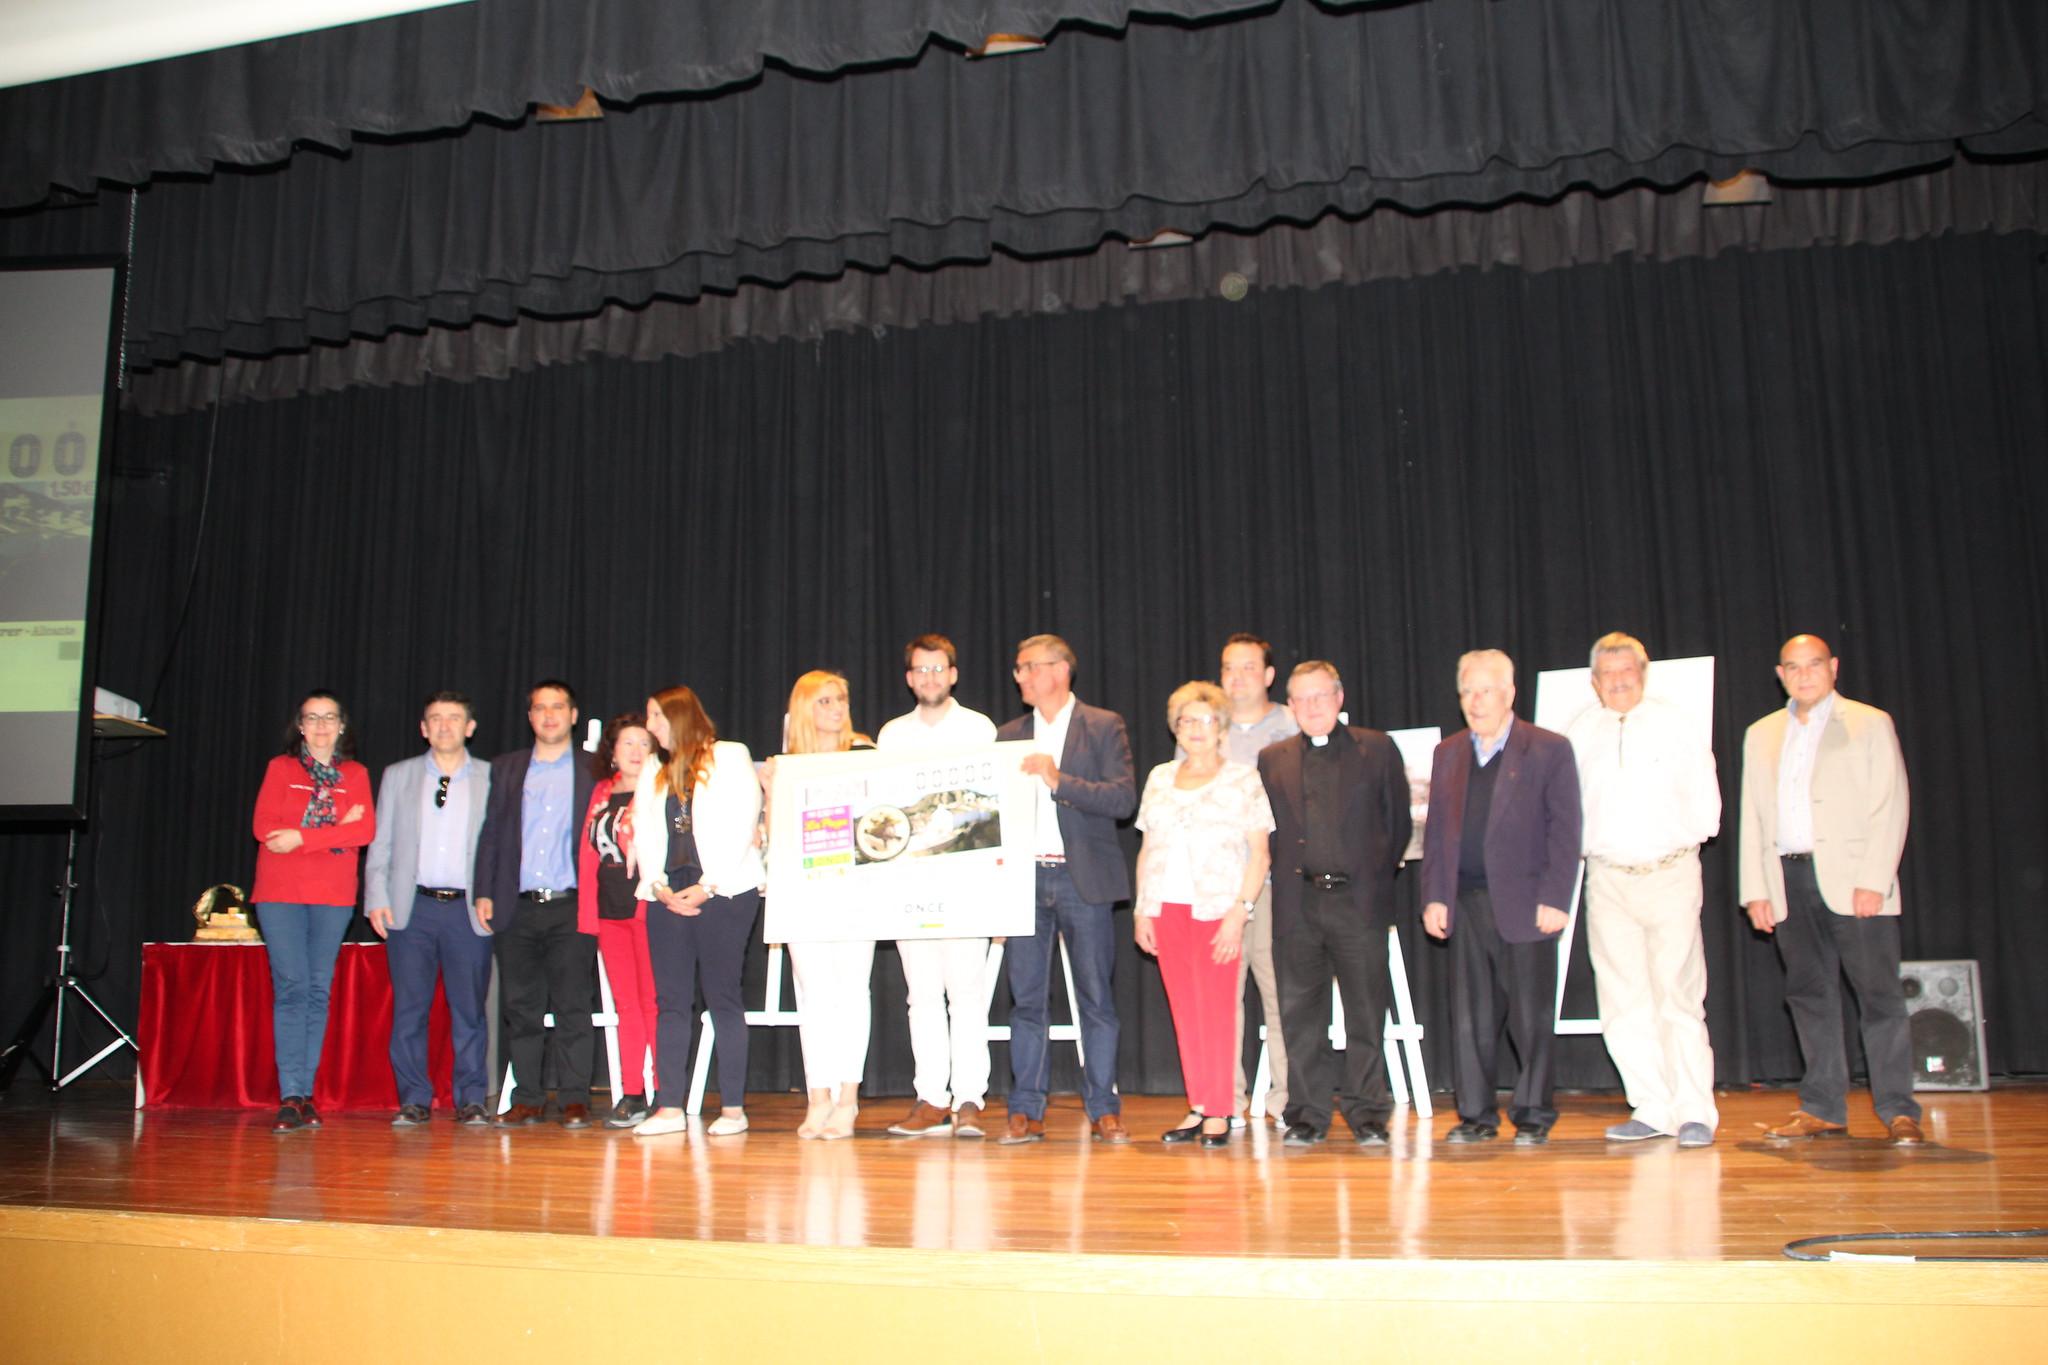 (2019-05-10) - Gala Clausura 75 aniversario - Javier Romero Ripoll (104)